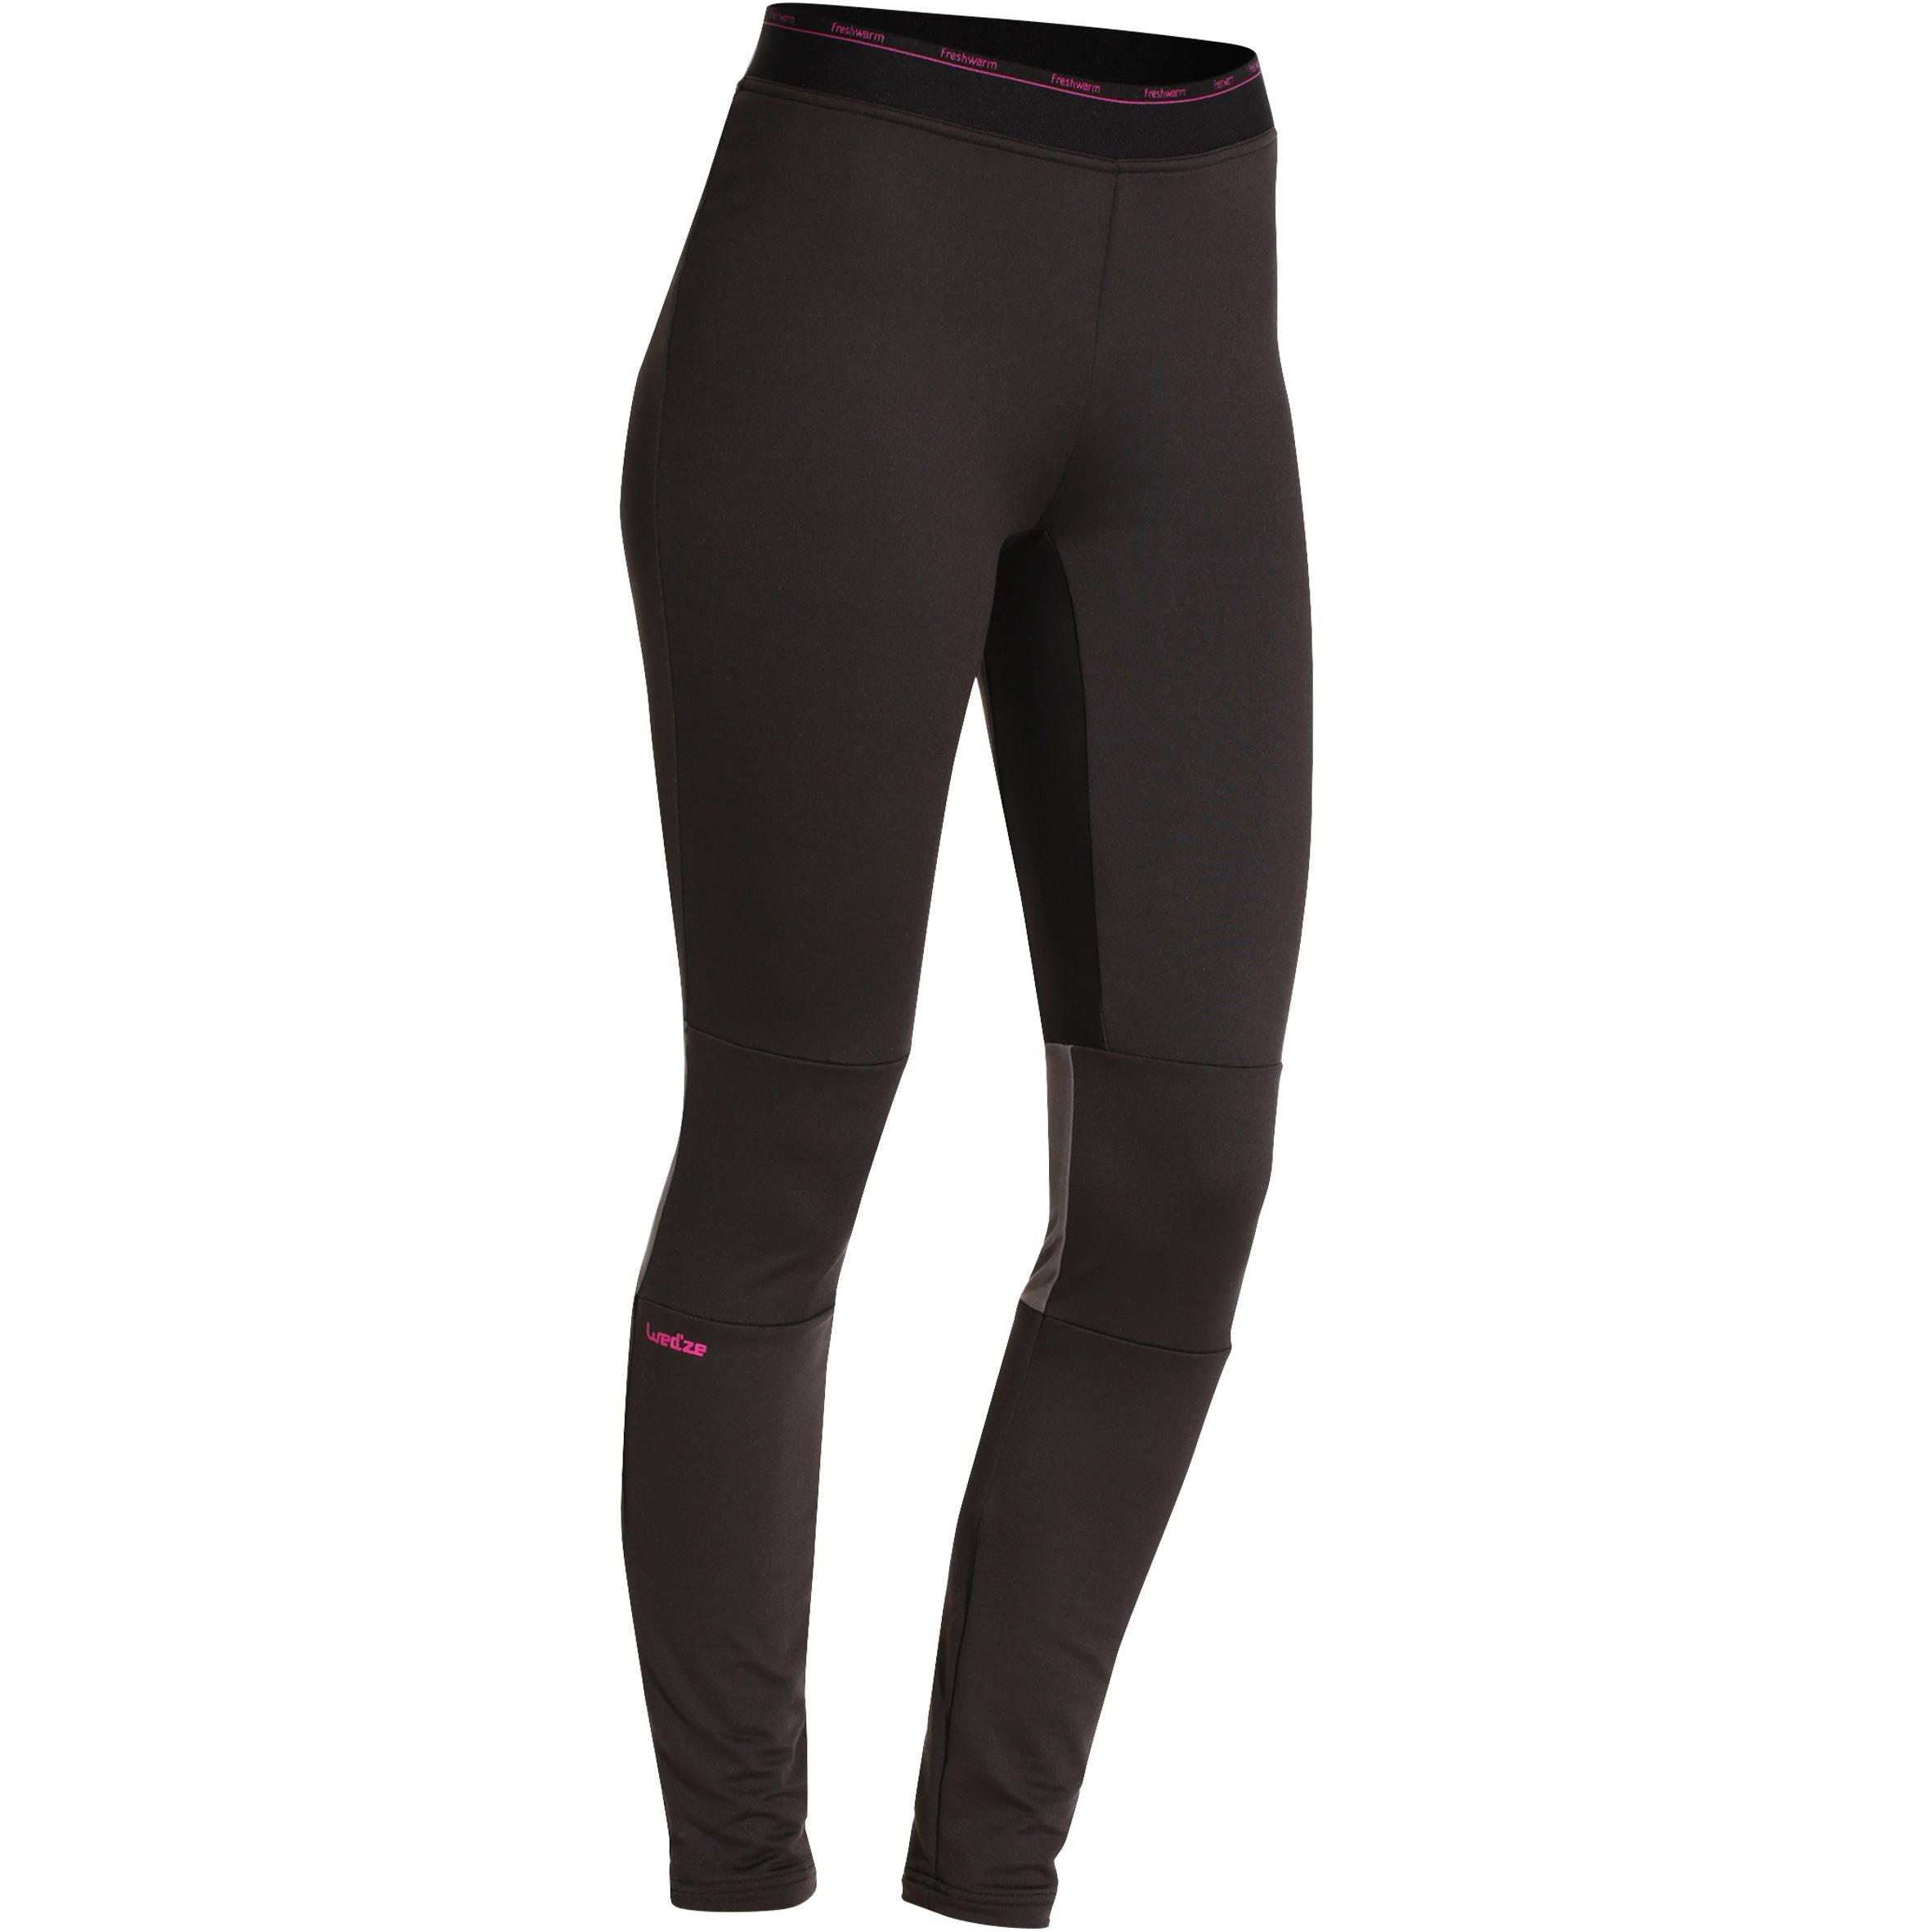 Skiunterhose Funktionshose FreshWarm Damen schwarz | Sportbekleidung > Funktionswäsche > Thermounterwäsche | Schwarz | Polyester | Wed´ze